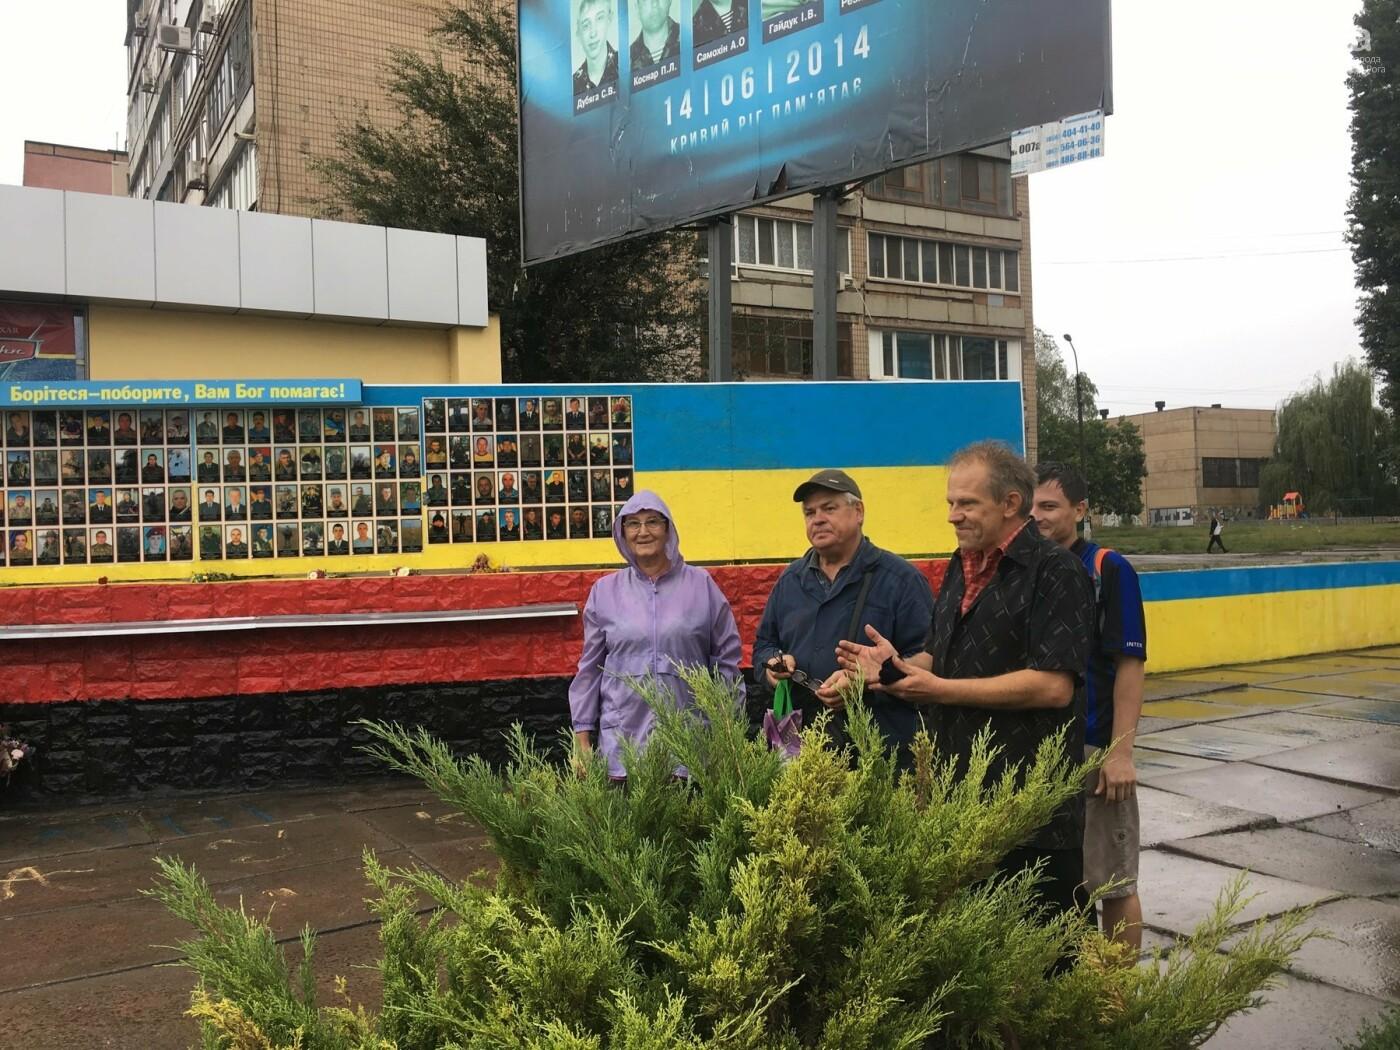 Центр Кривого Рога раскрашивают в красно-черный и сине-желтый цвета, - ФОТО , фото-7